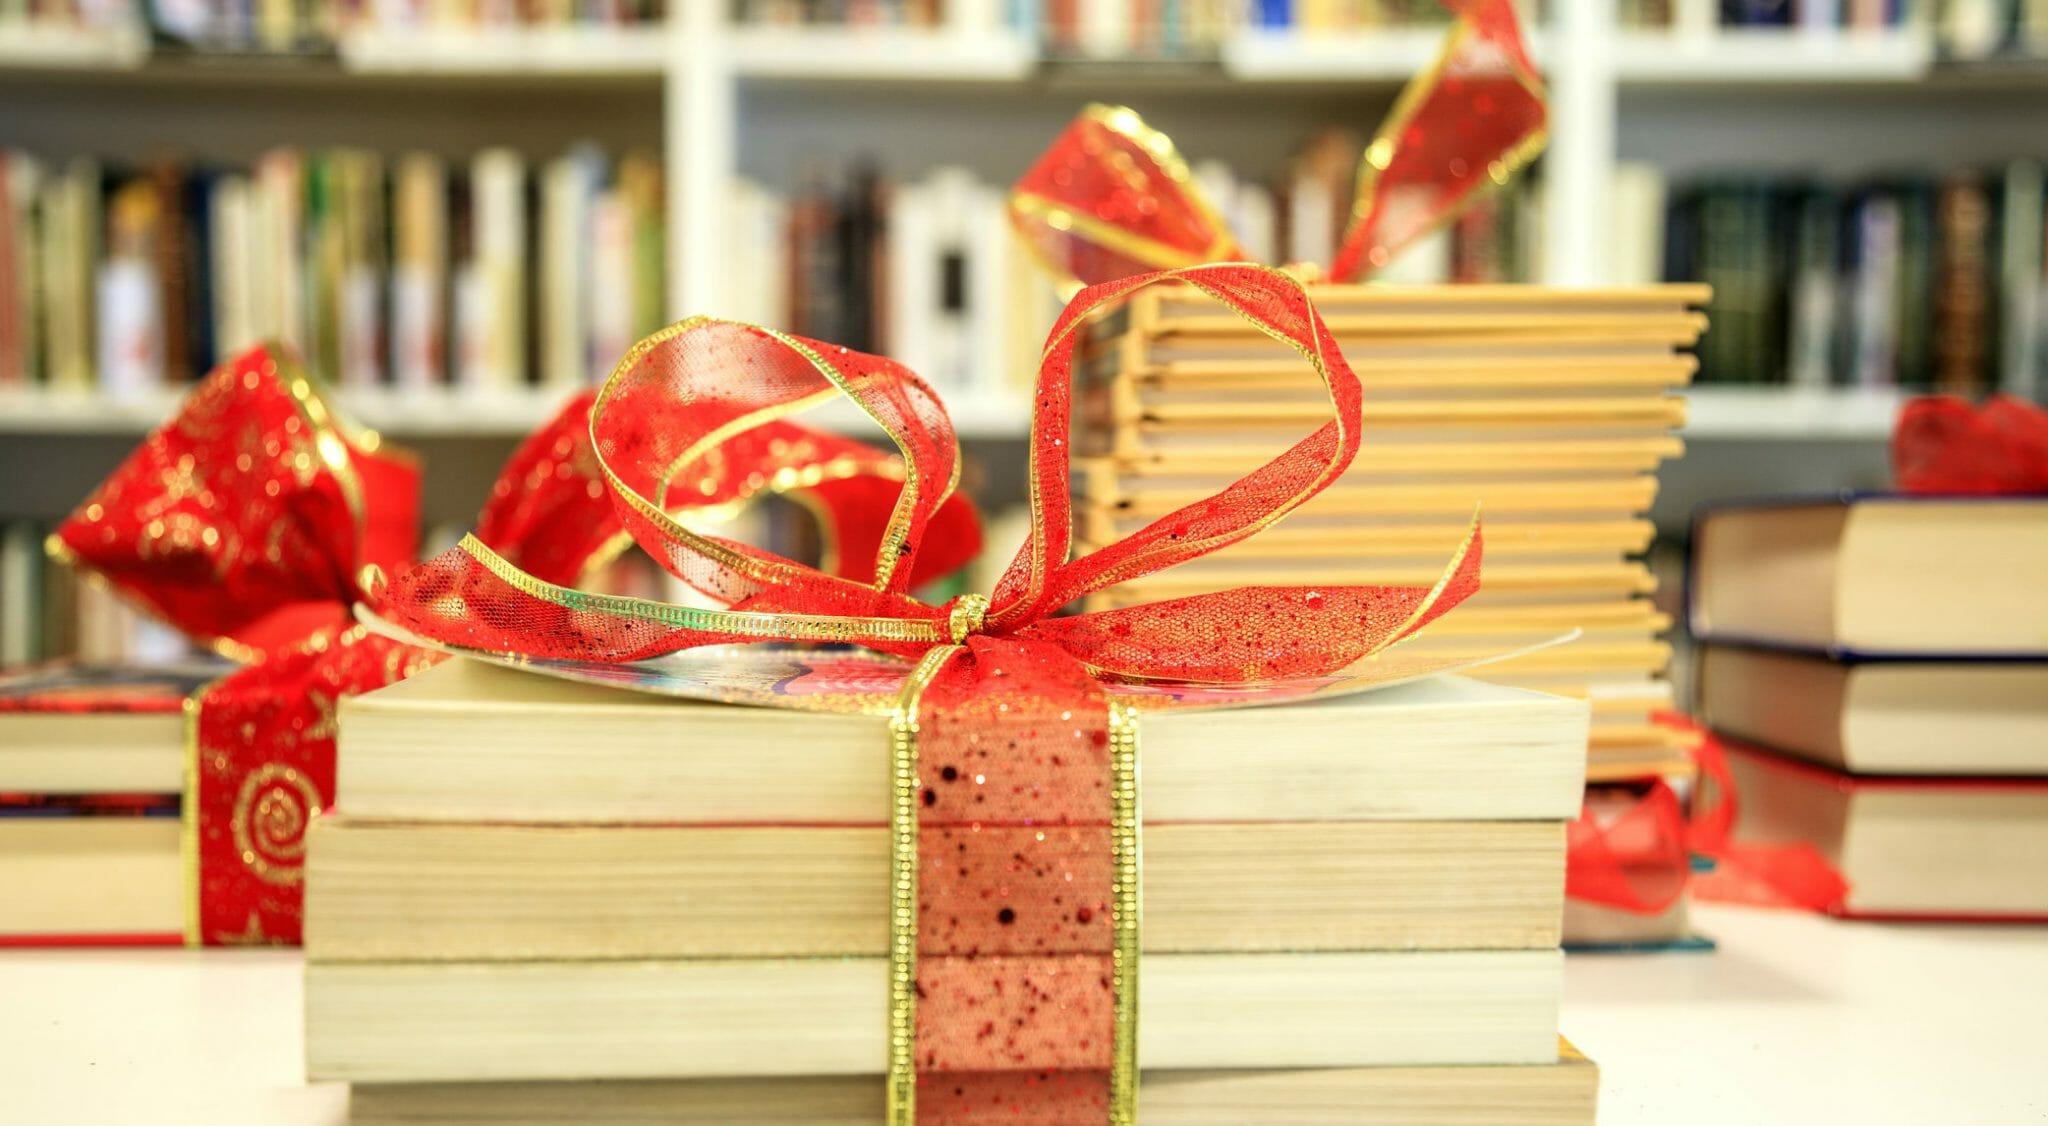 I Regali Di Natale Quando Si Aprono.Consigli Dell Ultimo Minuto Per Regalare I Libri Giusti A Natale